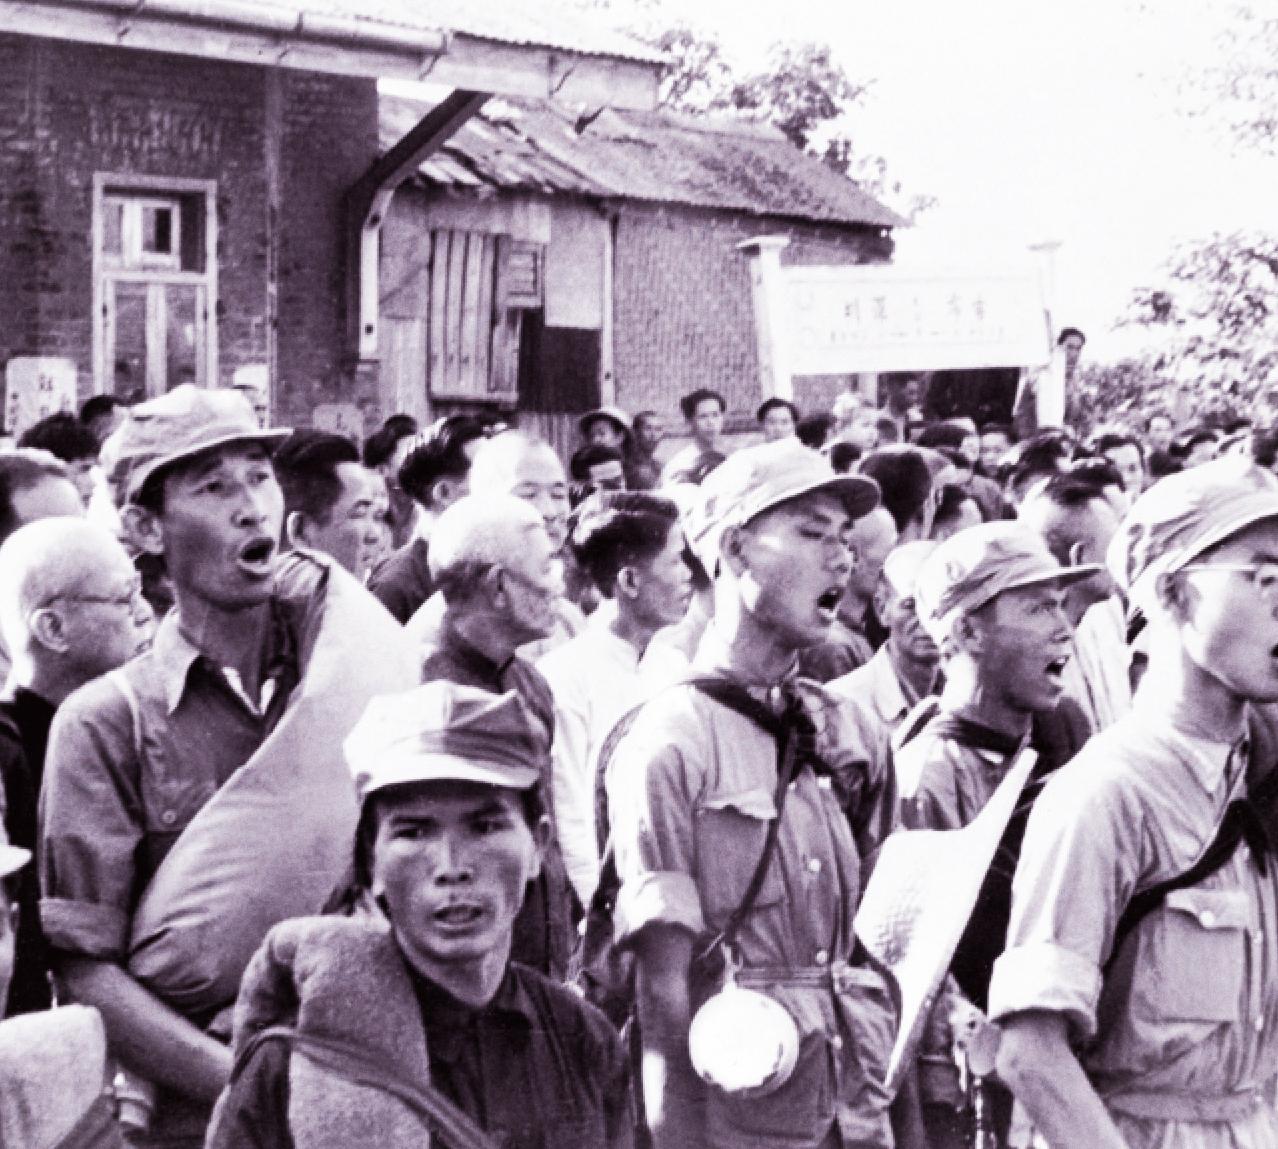 Des soldats communistes chantent un hymne   à la gloire de Mao,   le 25 octobre 1949,   à 3 kilomètres au nord de la frontière entre la Chine  et la colonie britannique de Hongkong